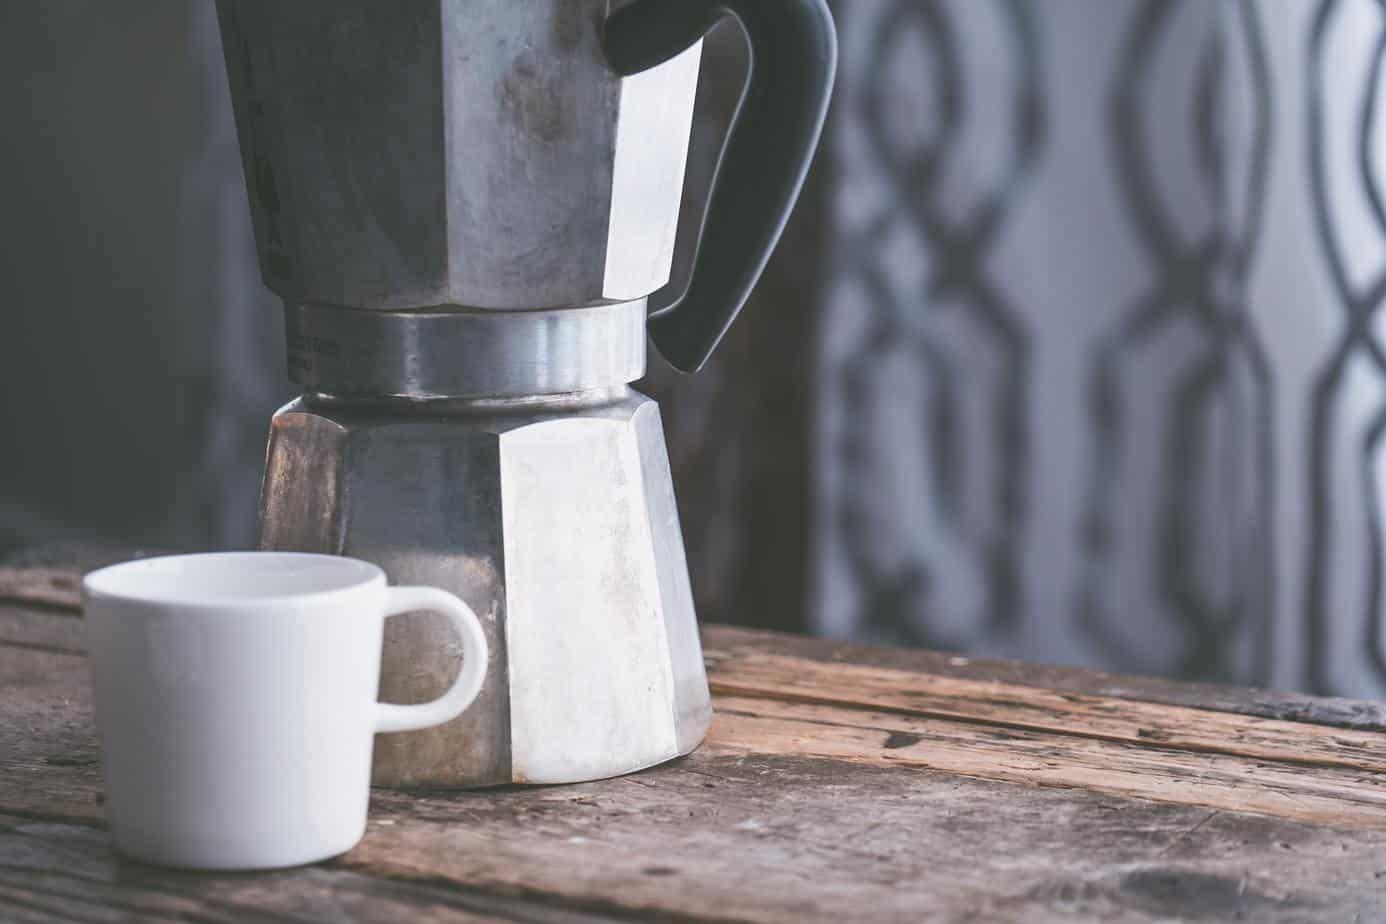 white mug beside moka pot